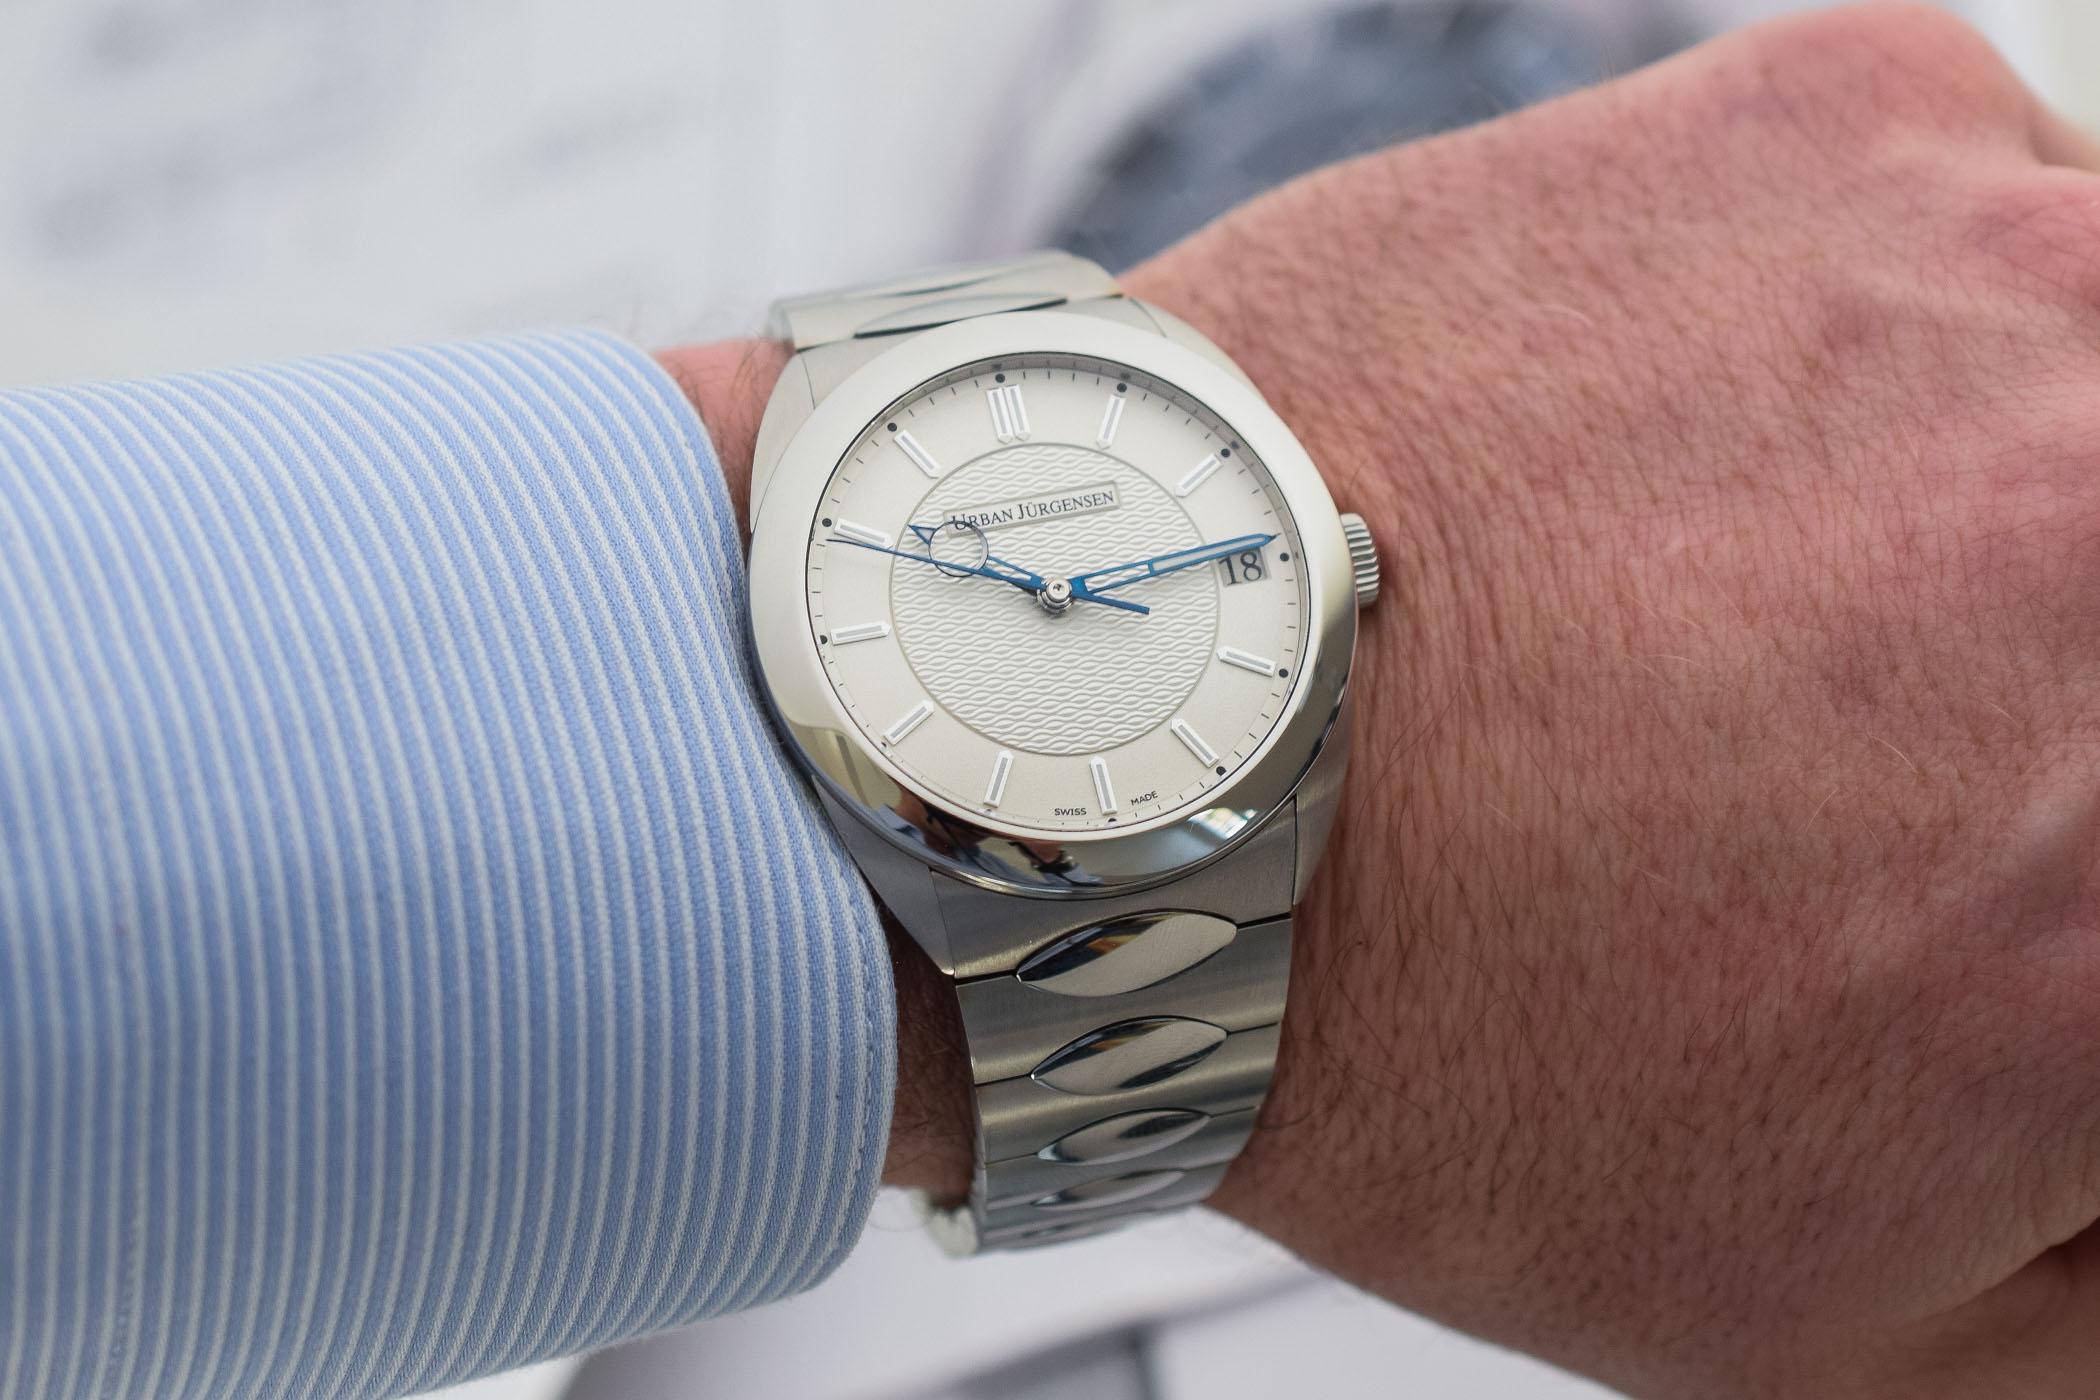 Urban Jurgensen First Luxury Sports Watch - Jurgensen One Collection - 12